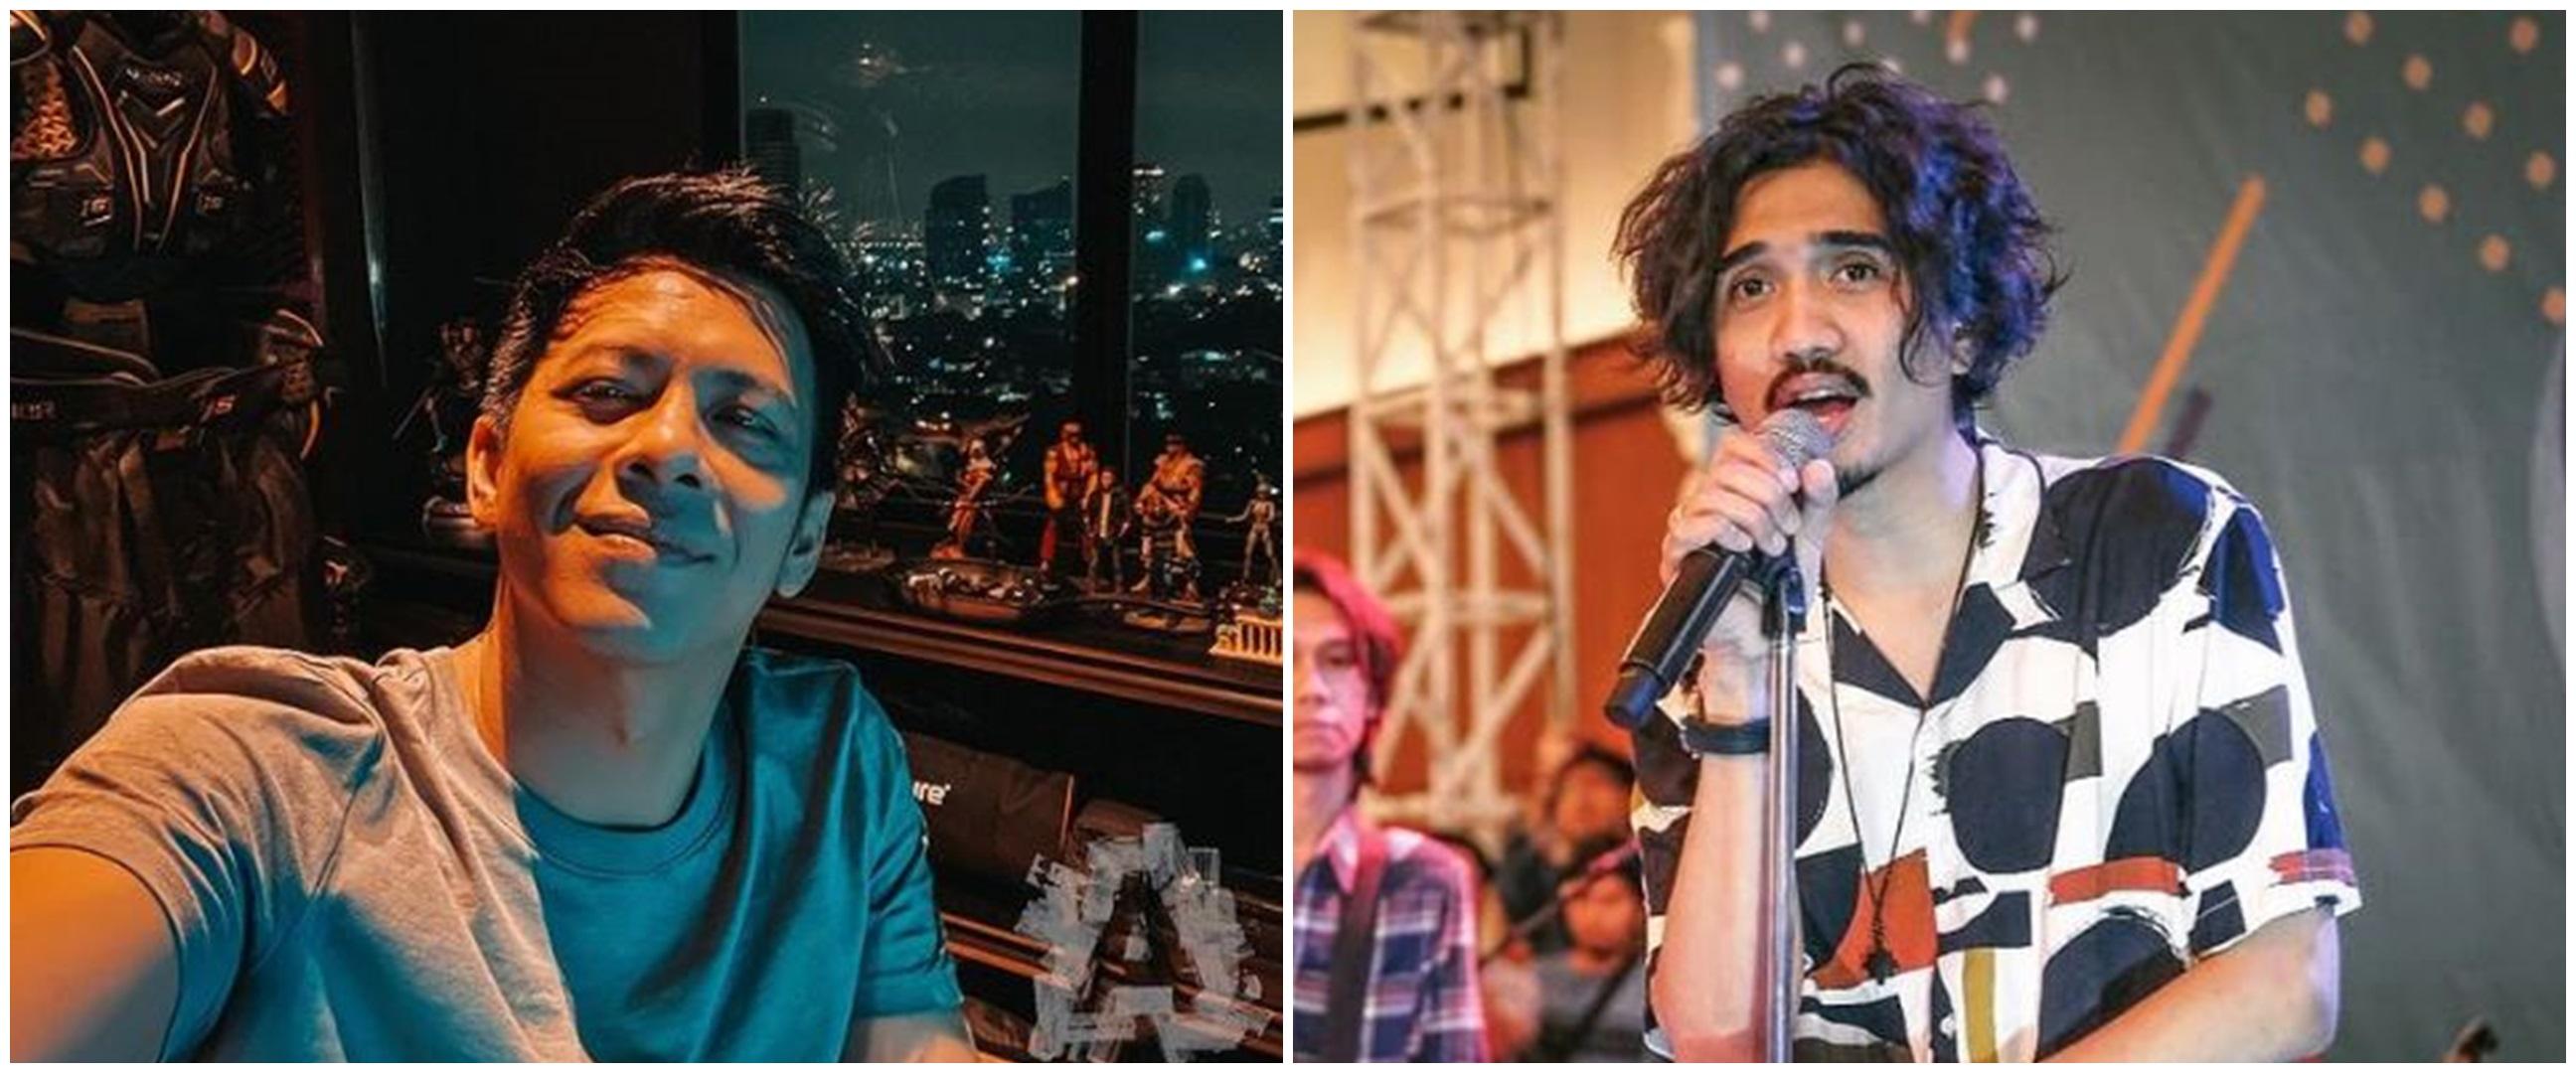 Potret 10 vokalis band jadi cover majalah, Duta dan Ariel manglingi